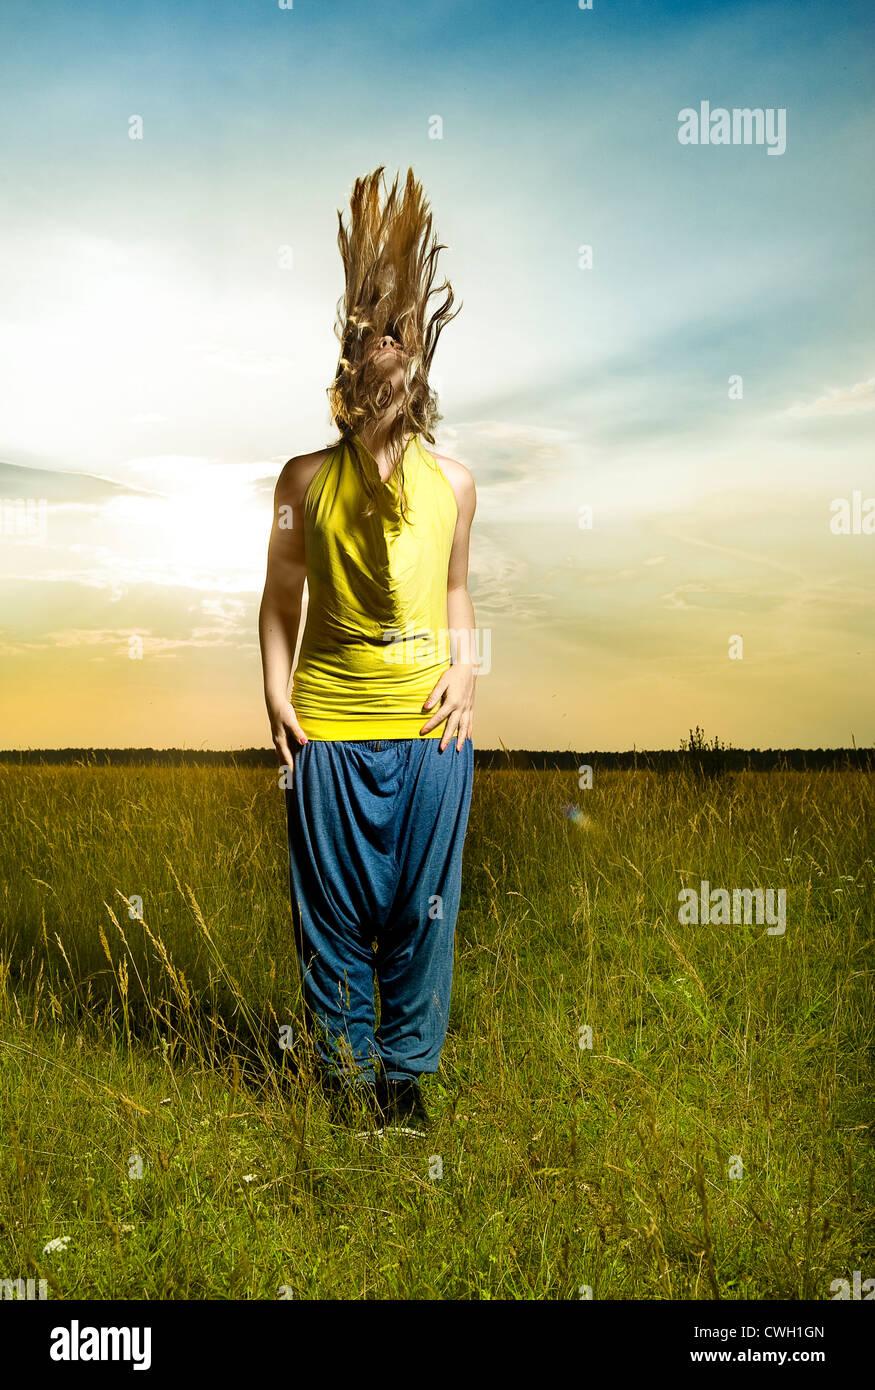 junge Frau, Individualität, Einzigartigkeit, Mode Stockfoto